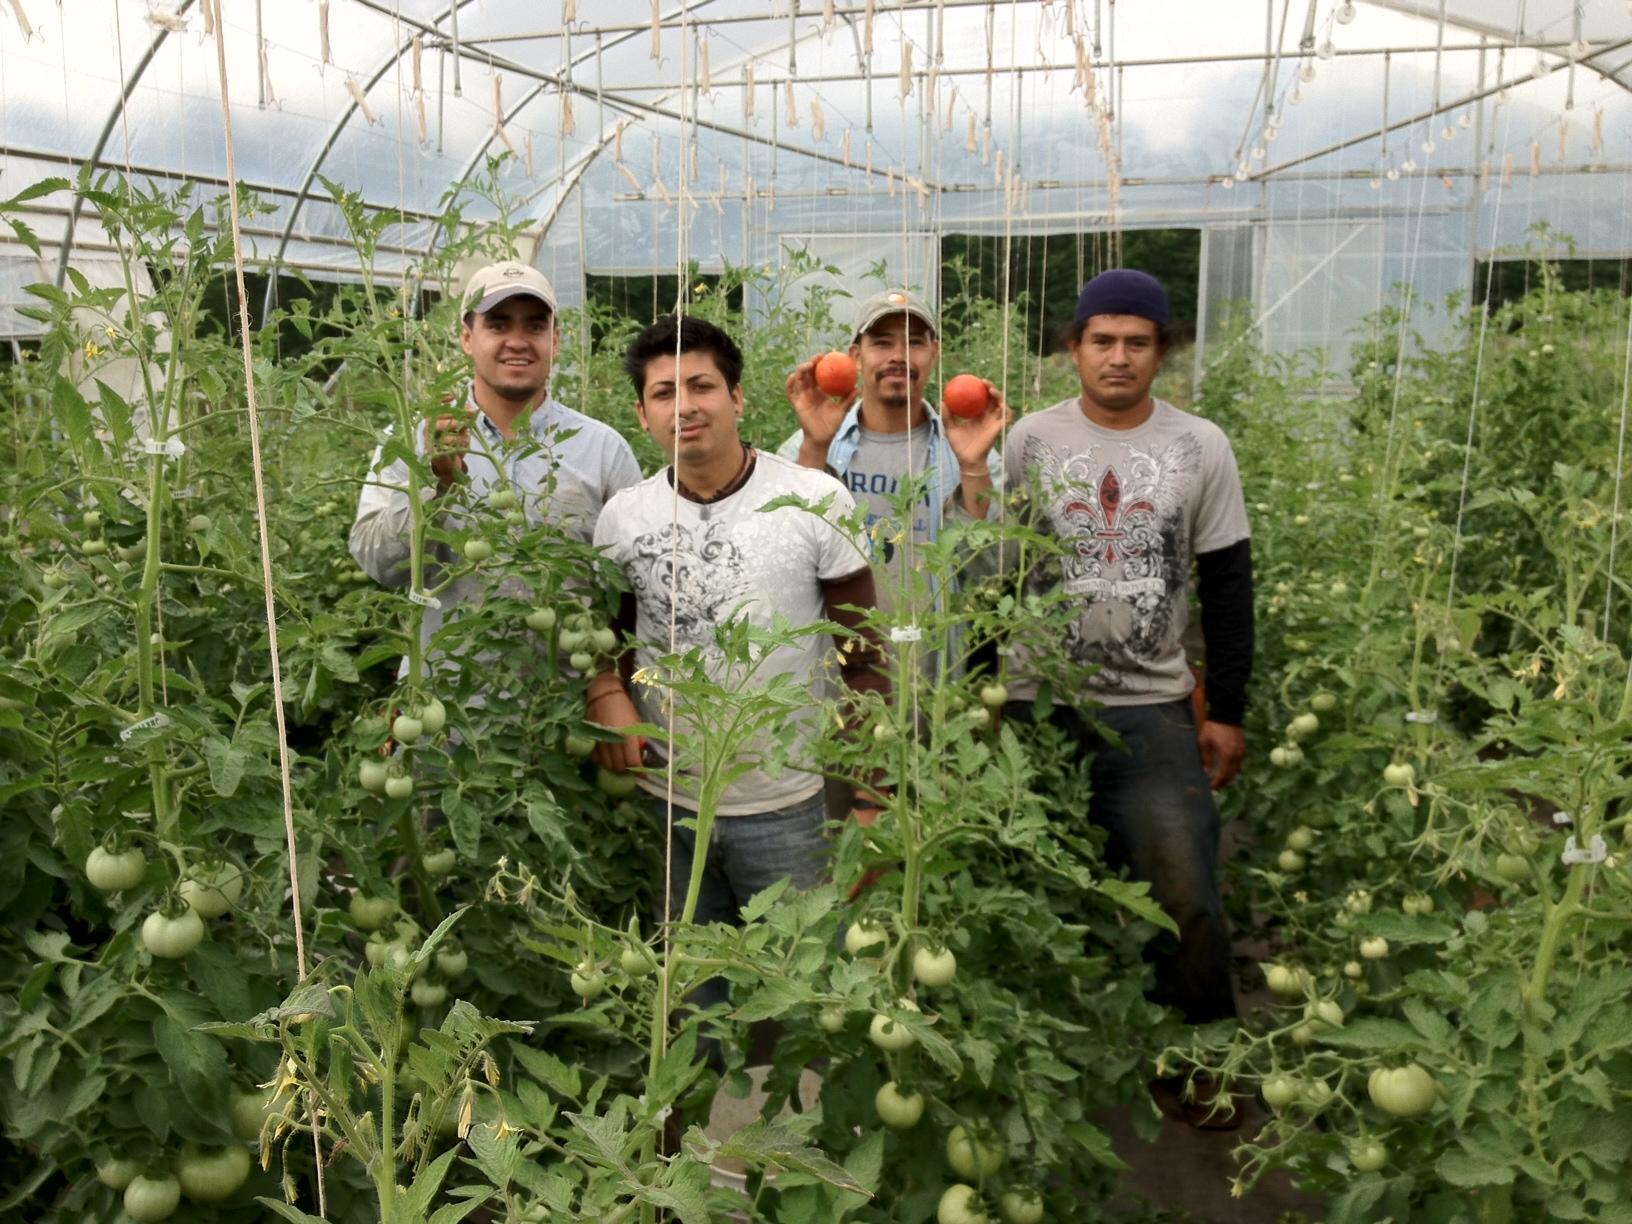 Harvesting Tomatoes June 2012